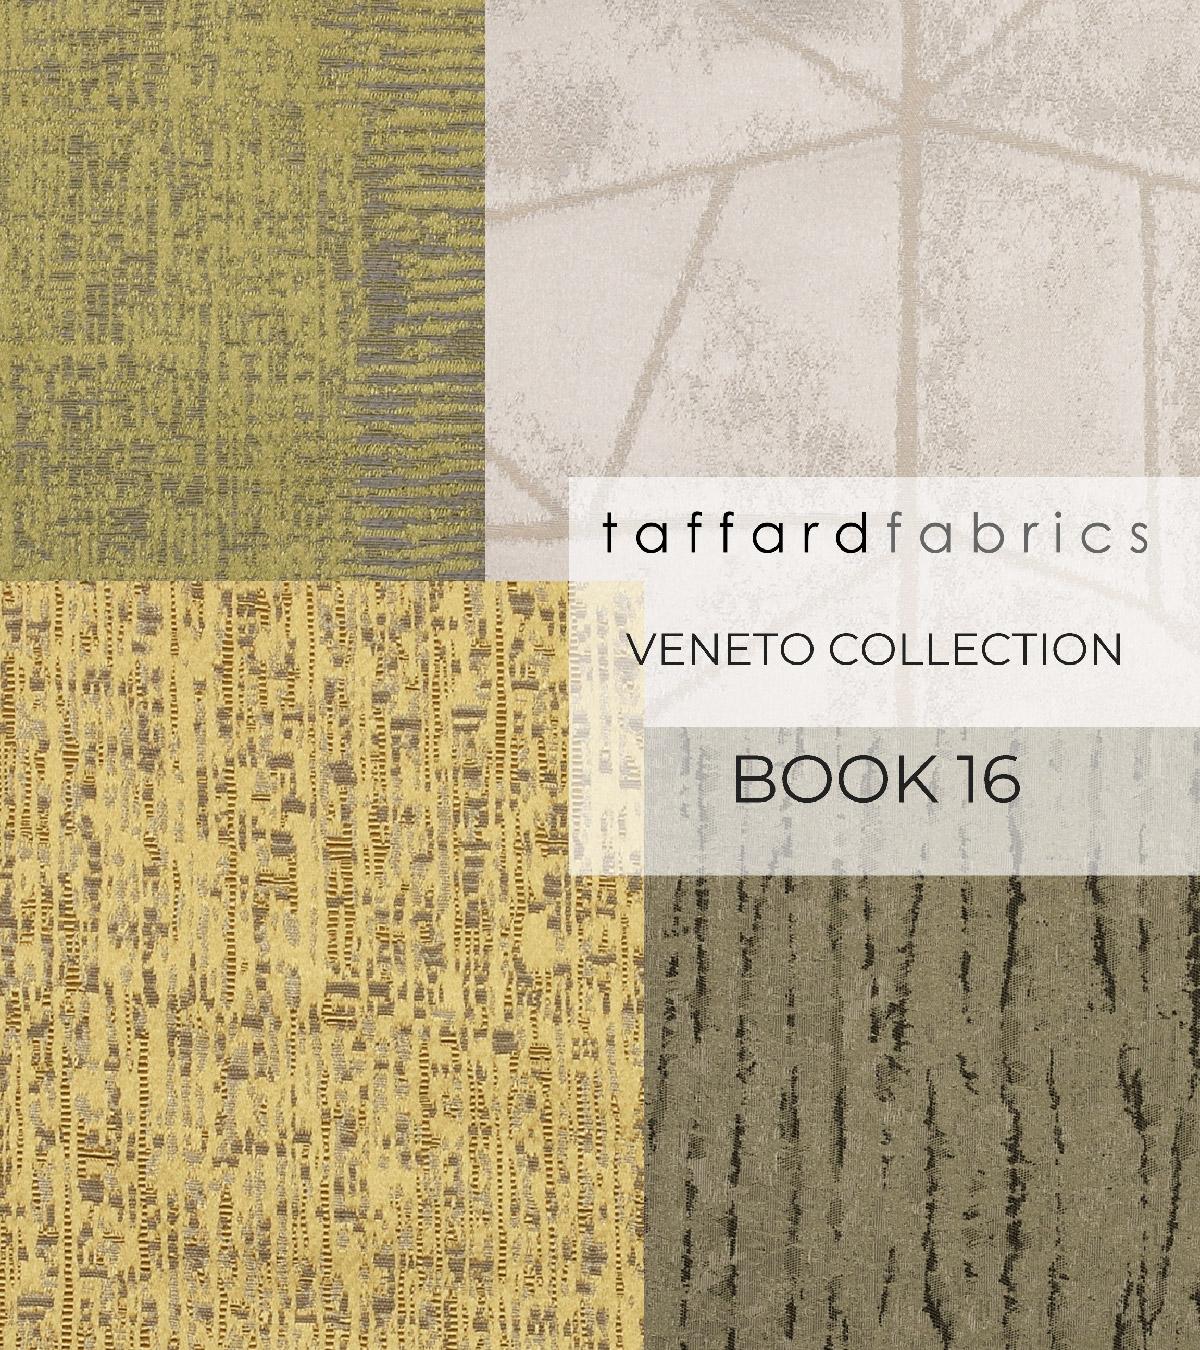 Veneto 16 Ebook-01.jpg